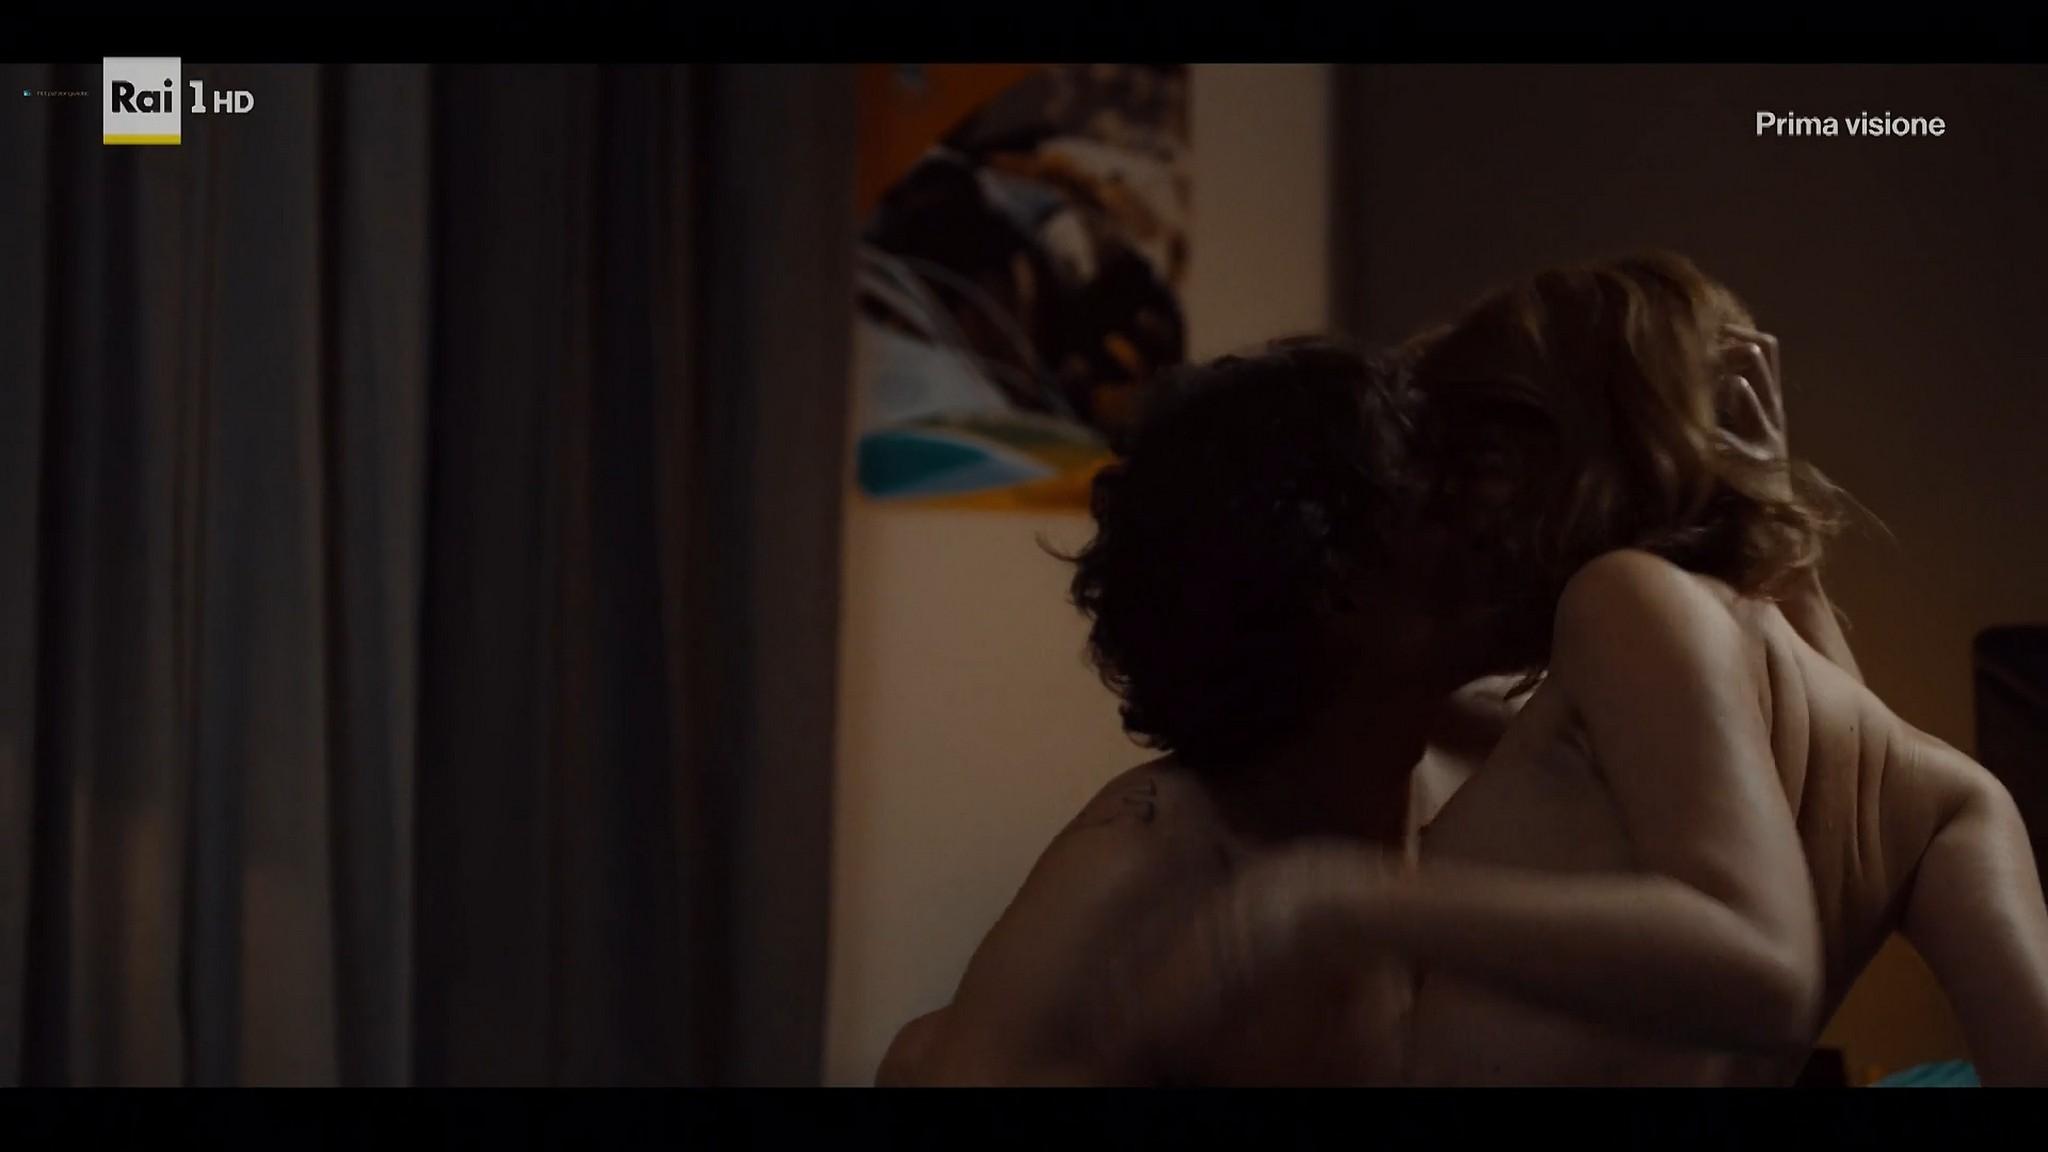 Cristiana Capotondi nude and sex Giulia Arena Elena Radonicich sexy Bella Da Morire IT 2020 s1e 1 4 HDTV 1080p 16